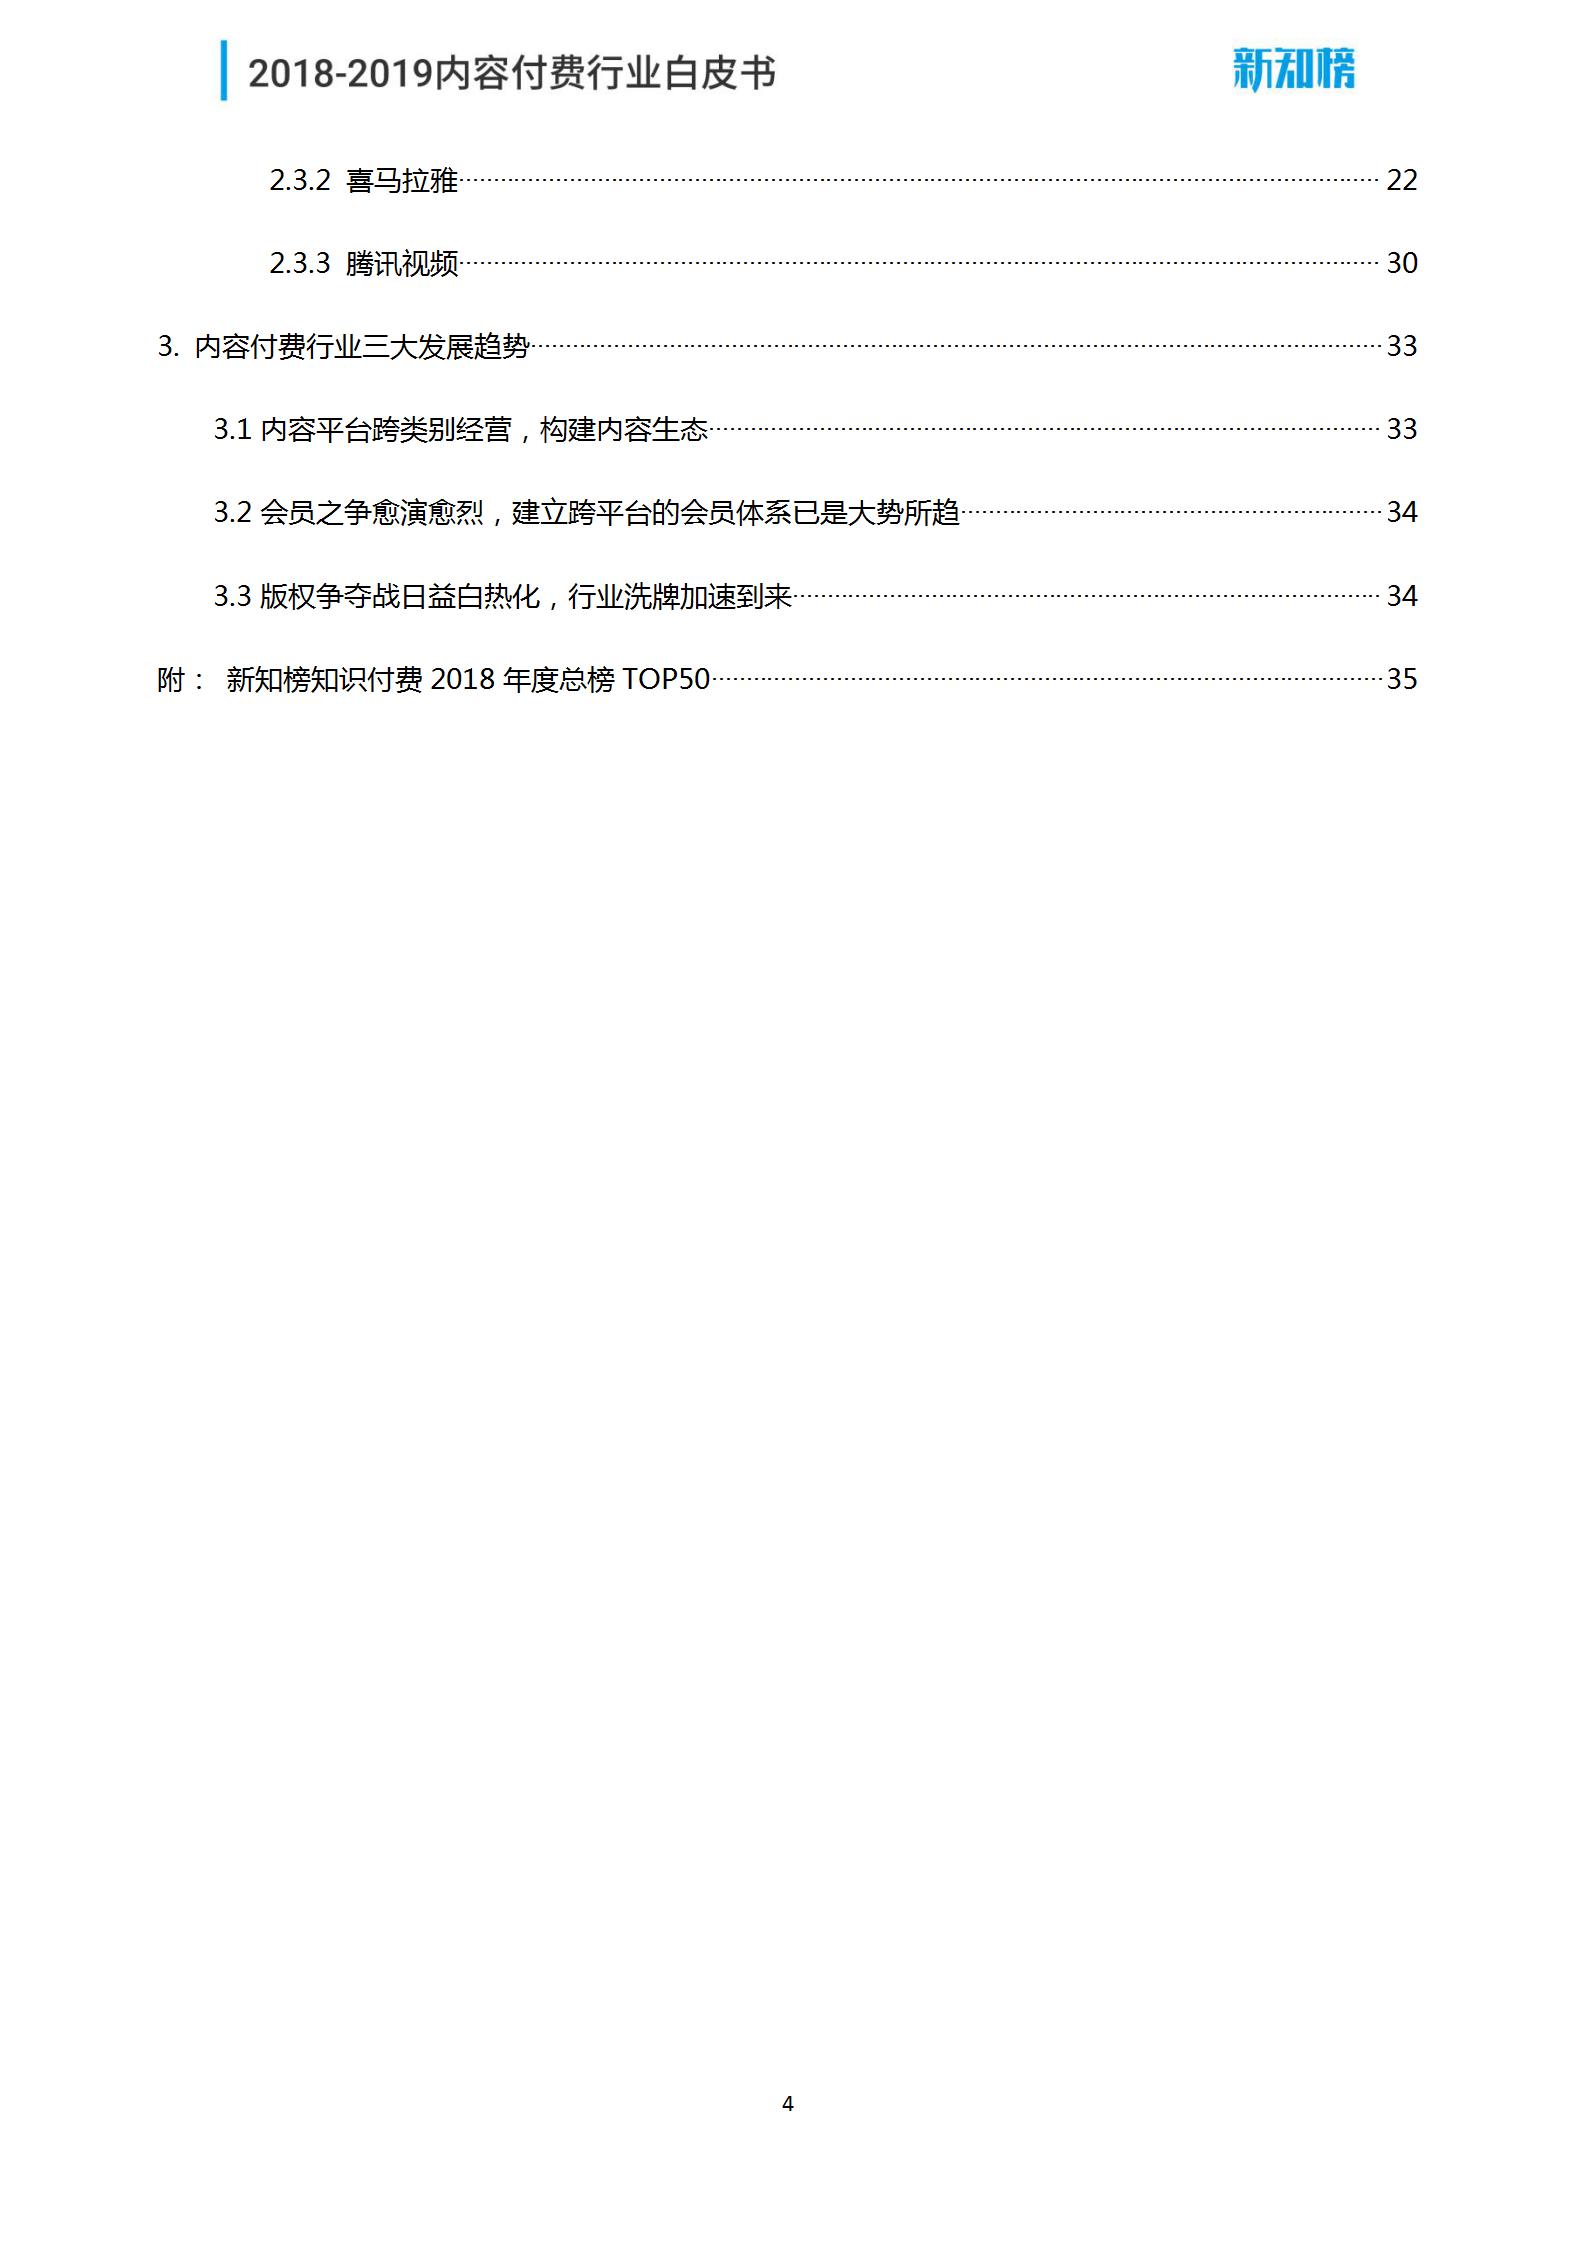 新知榜2018-2019内容付费行业白皮书_04.png